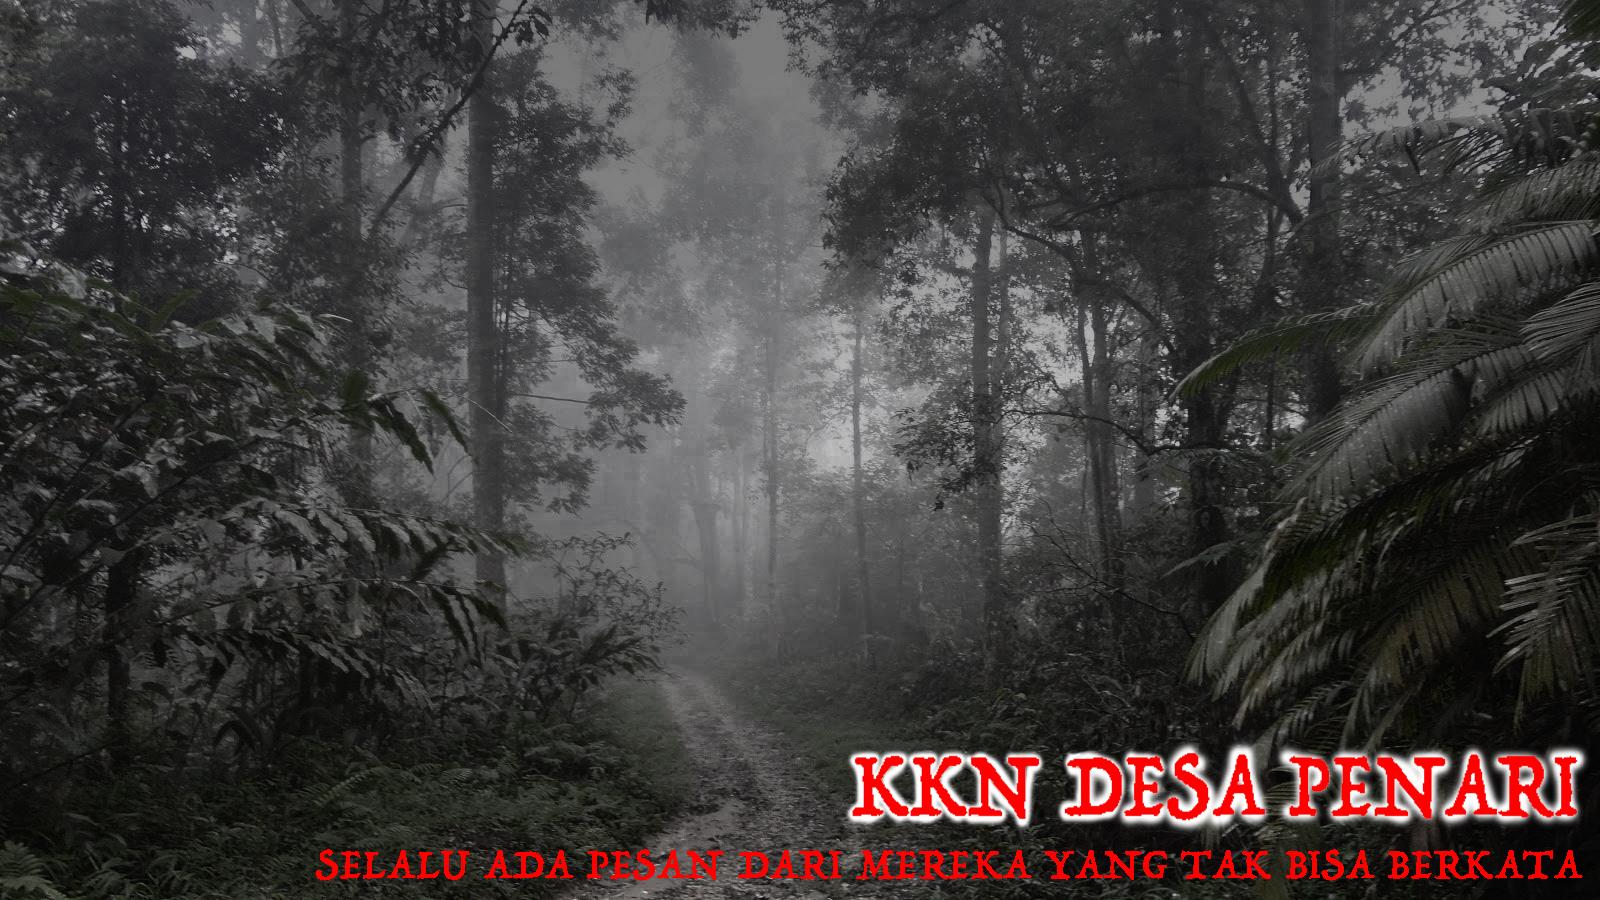 Remake : KKN di Desa Penari I - Selalu ada Pesan yang disampaikan dari mereka yang tak bisa berkata kondisi hutan seram